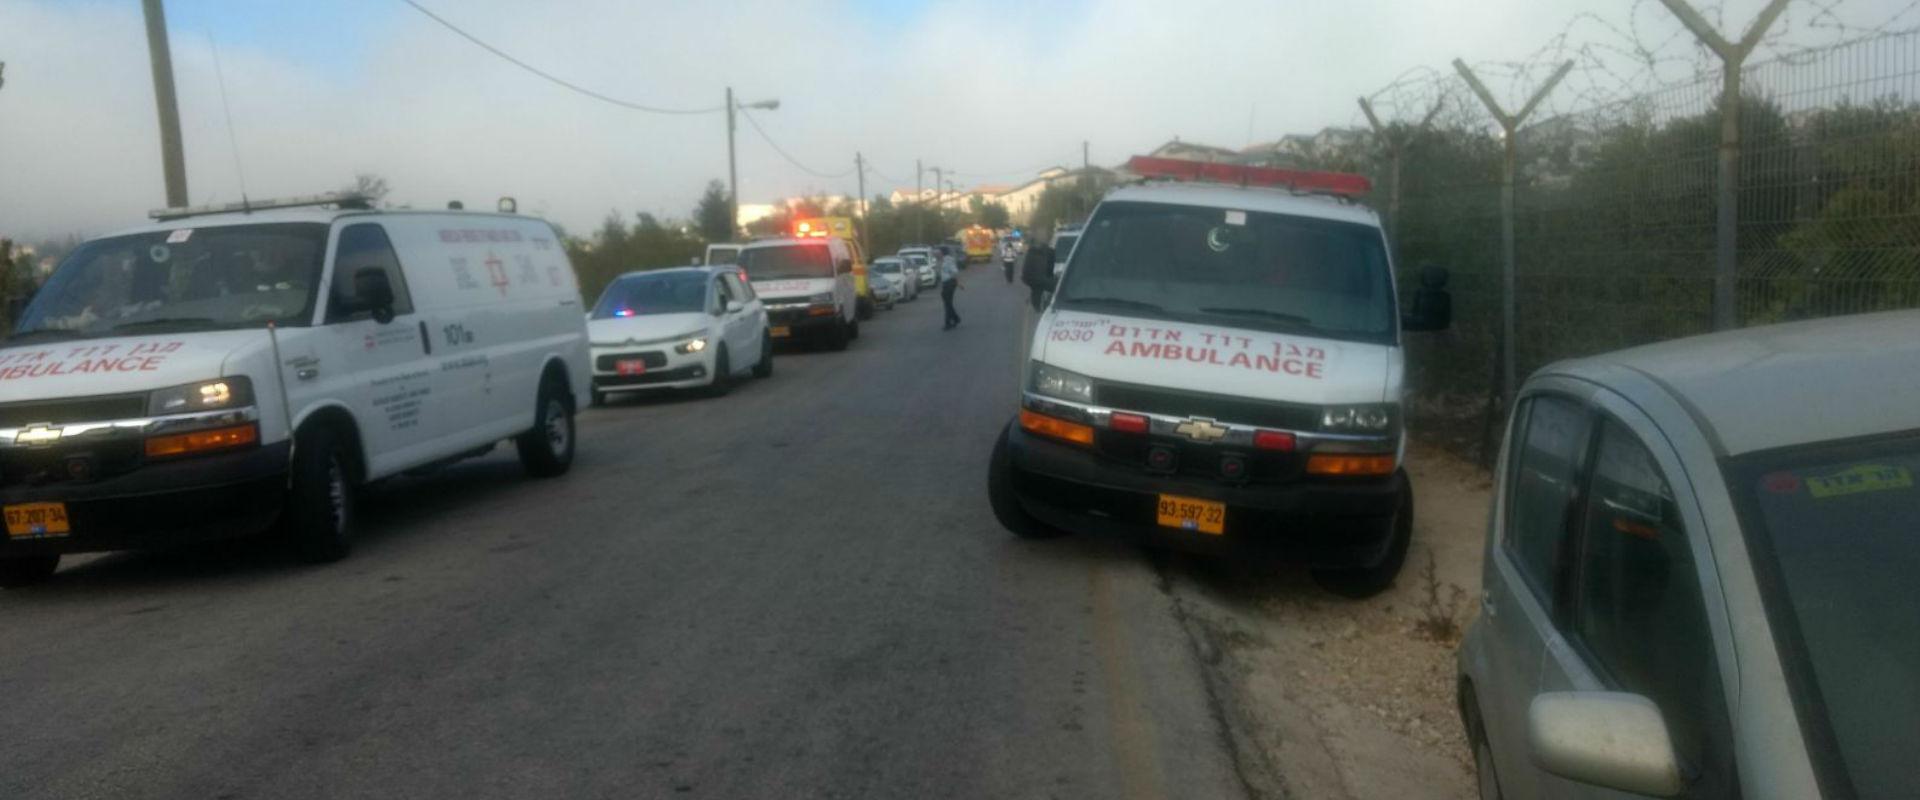 זירת הפיגוע בכניסה להר אדר